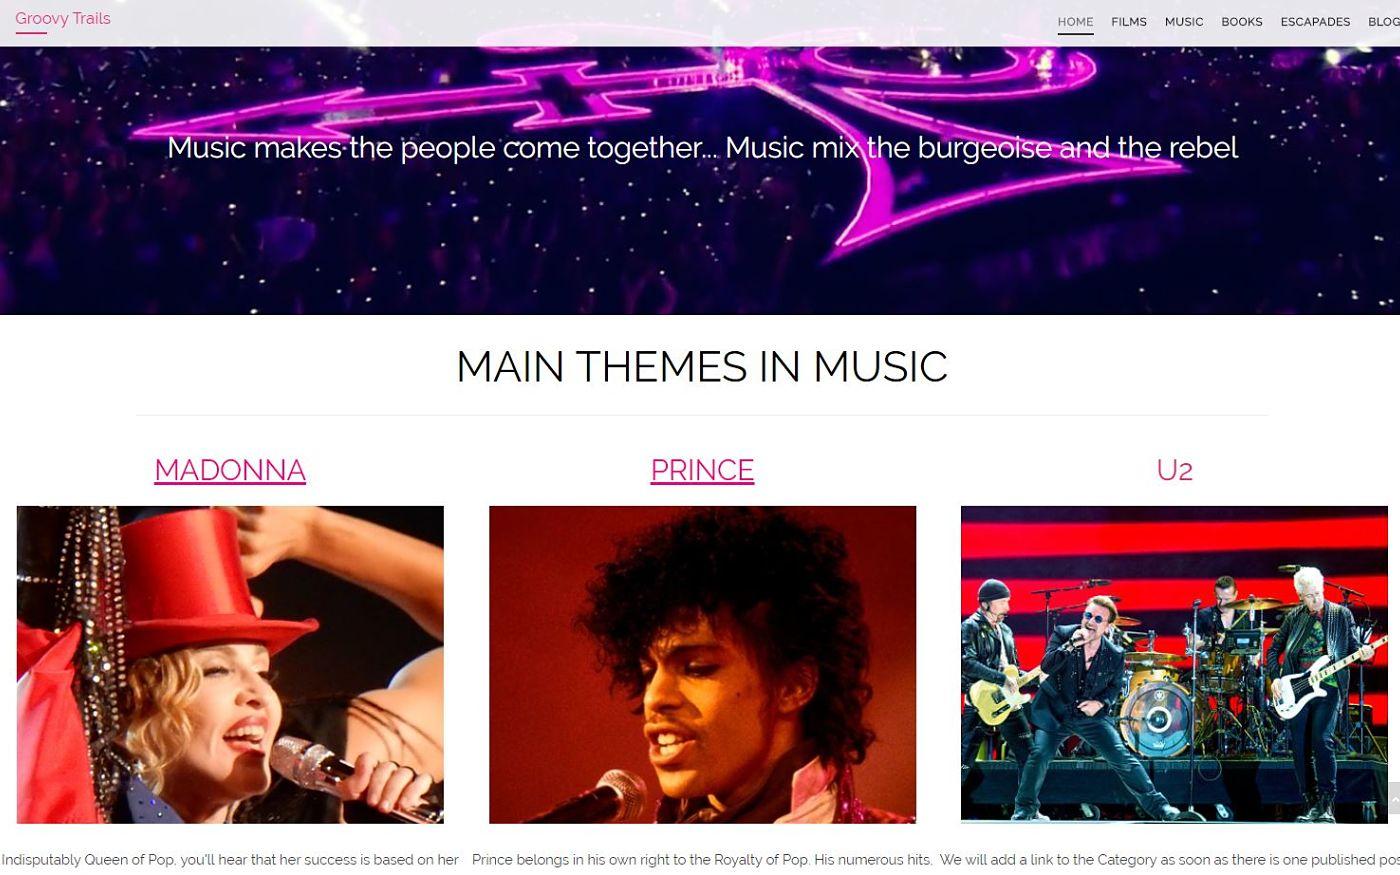 diseño web para blog música y cina